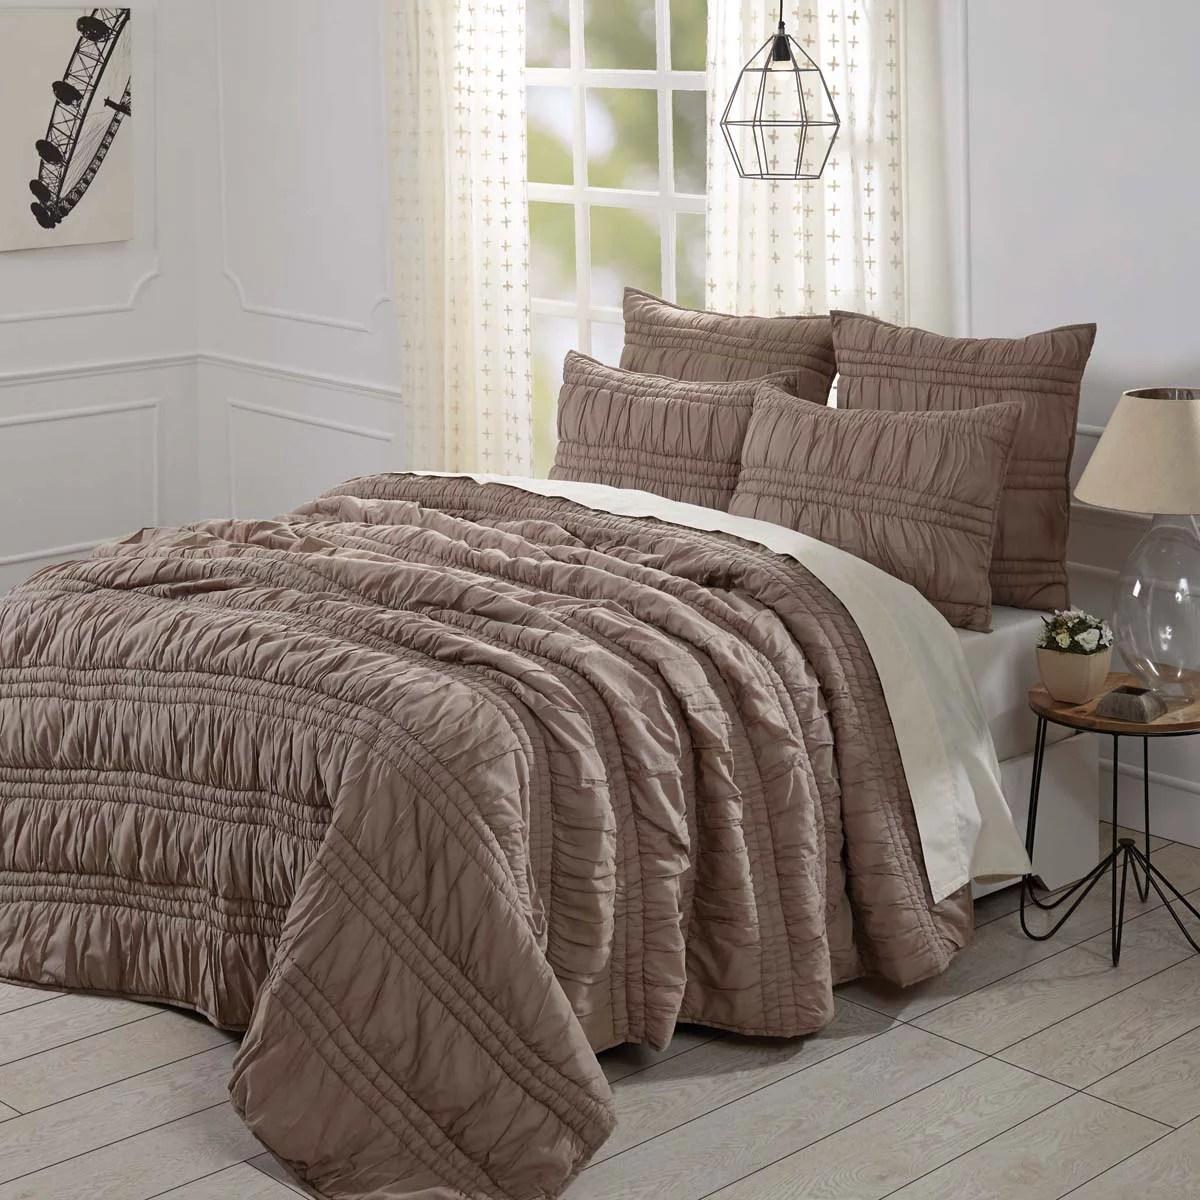 Warm Taupe Brown Farmhouse Bedding Natasha Cotton Pre